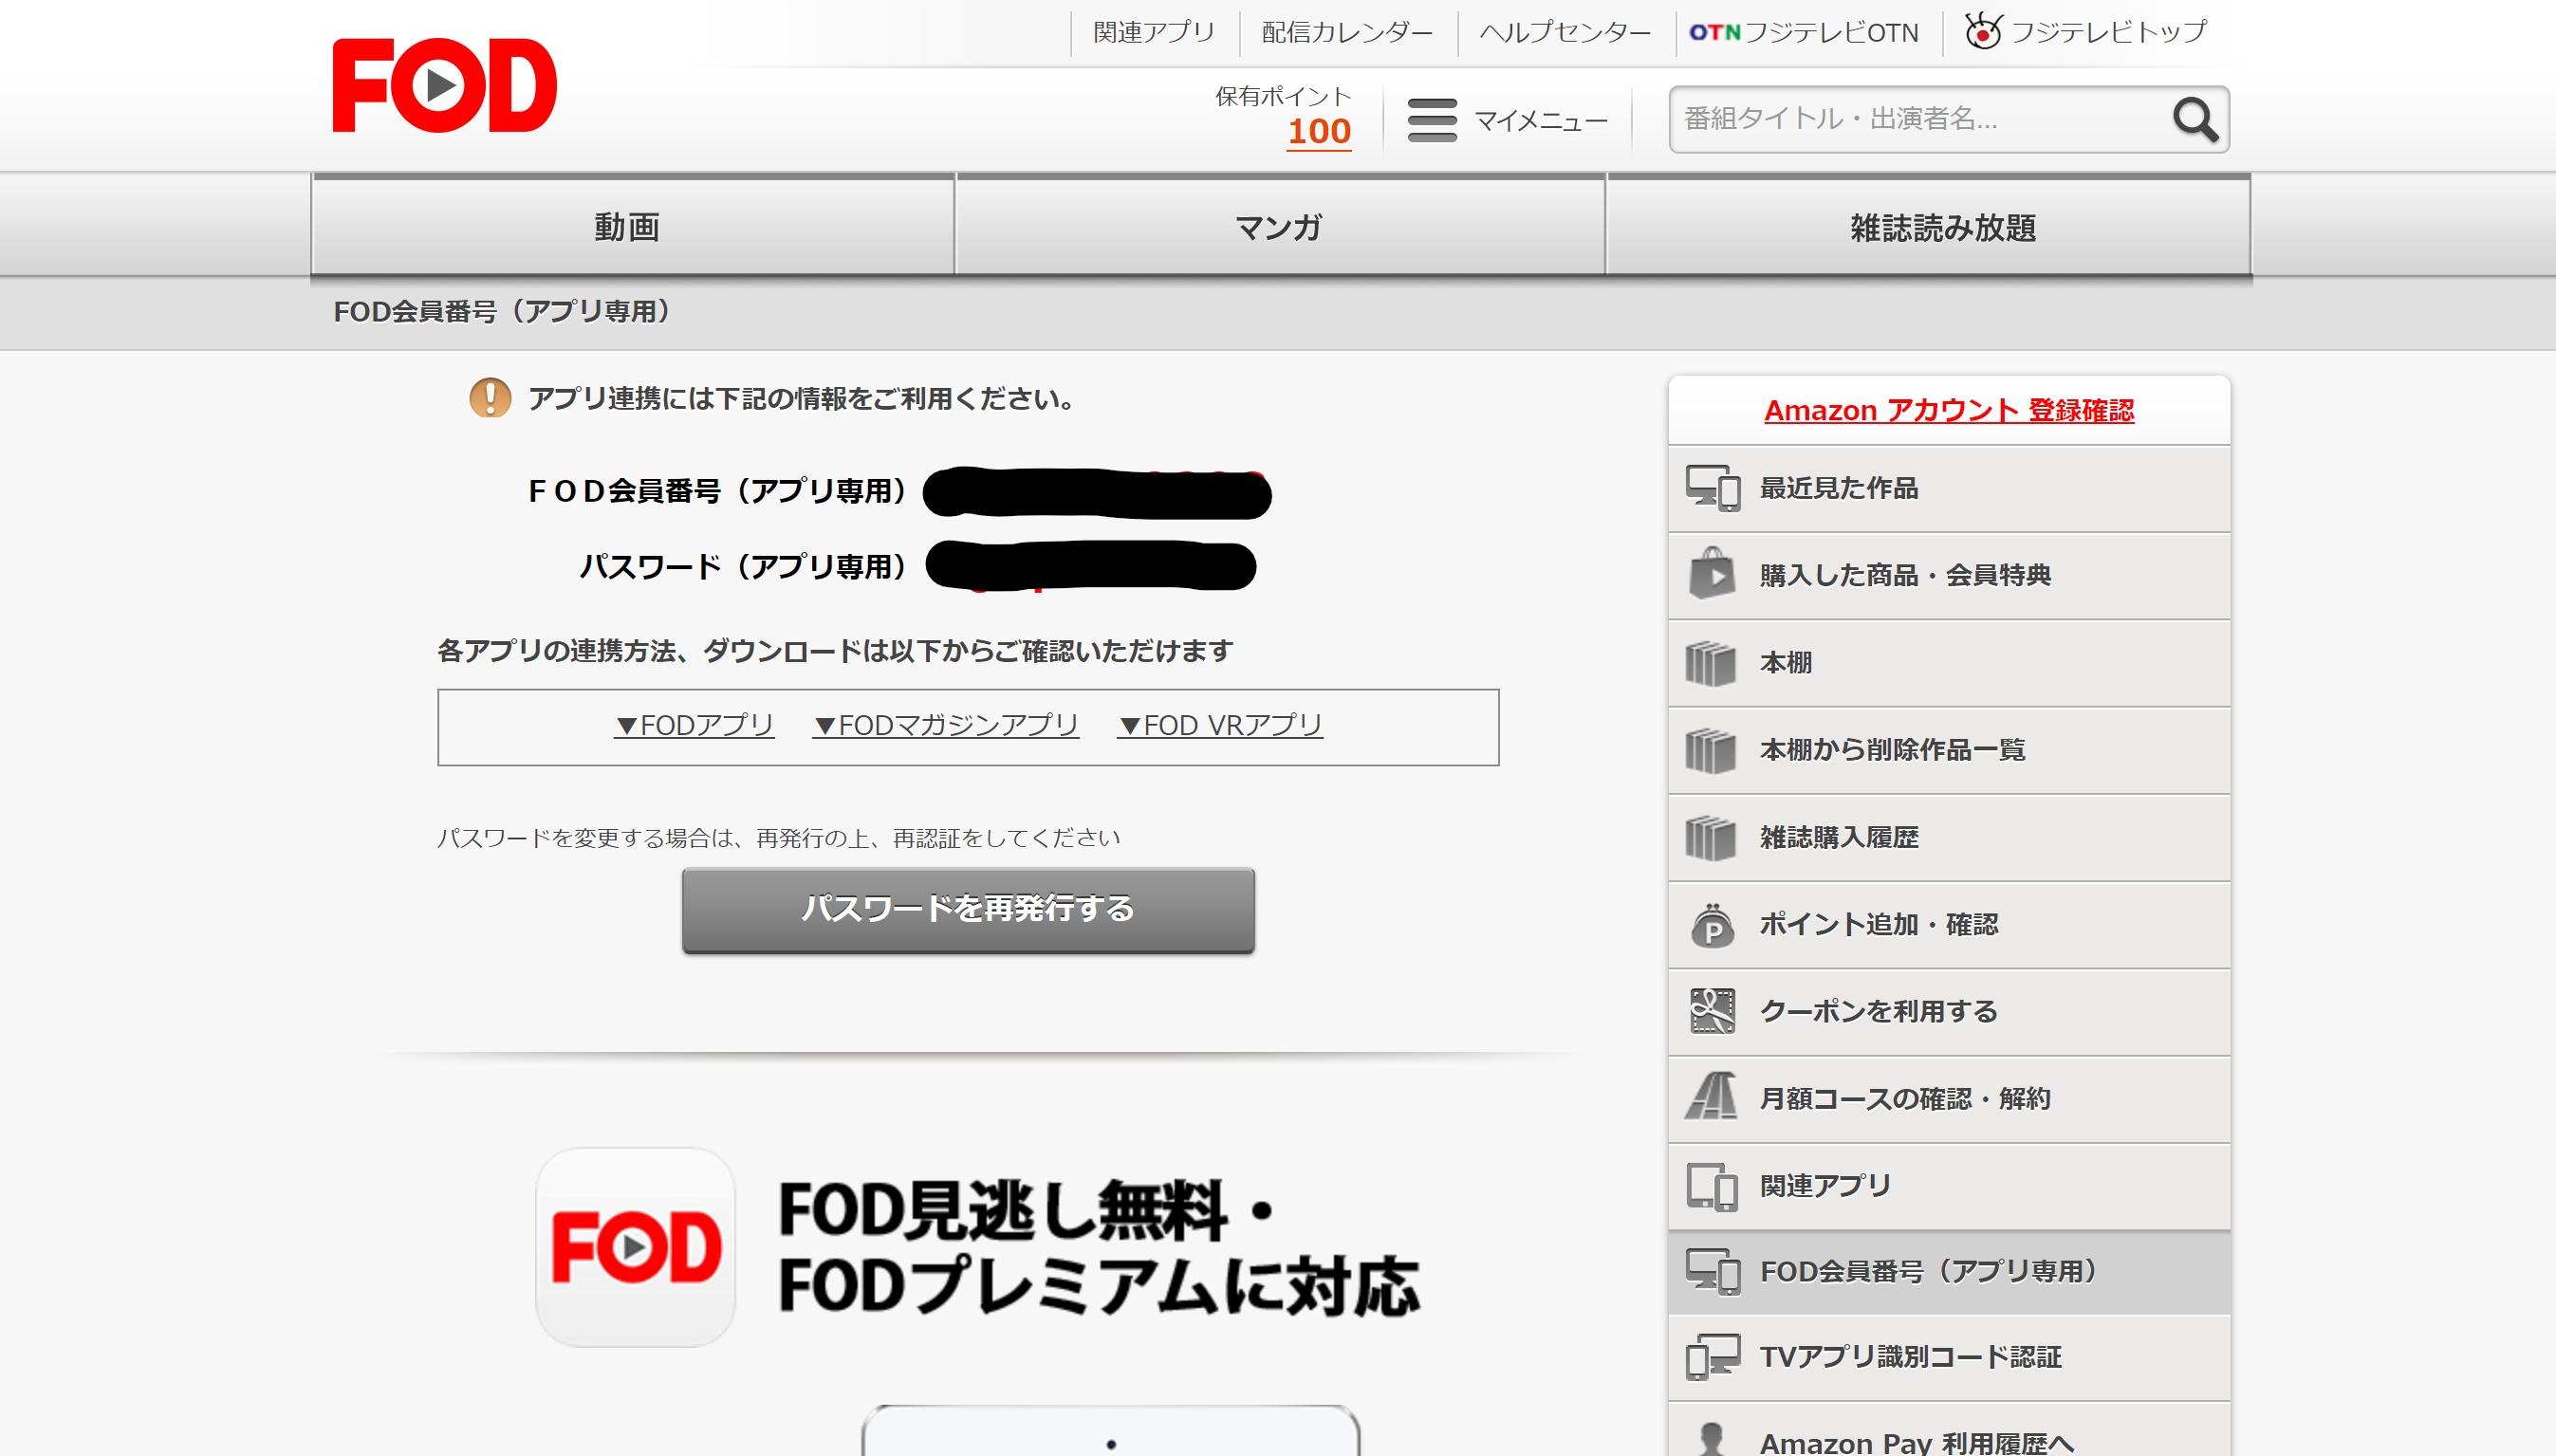 FODプレミアムの会員番号とパスワード